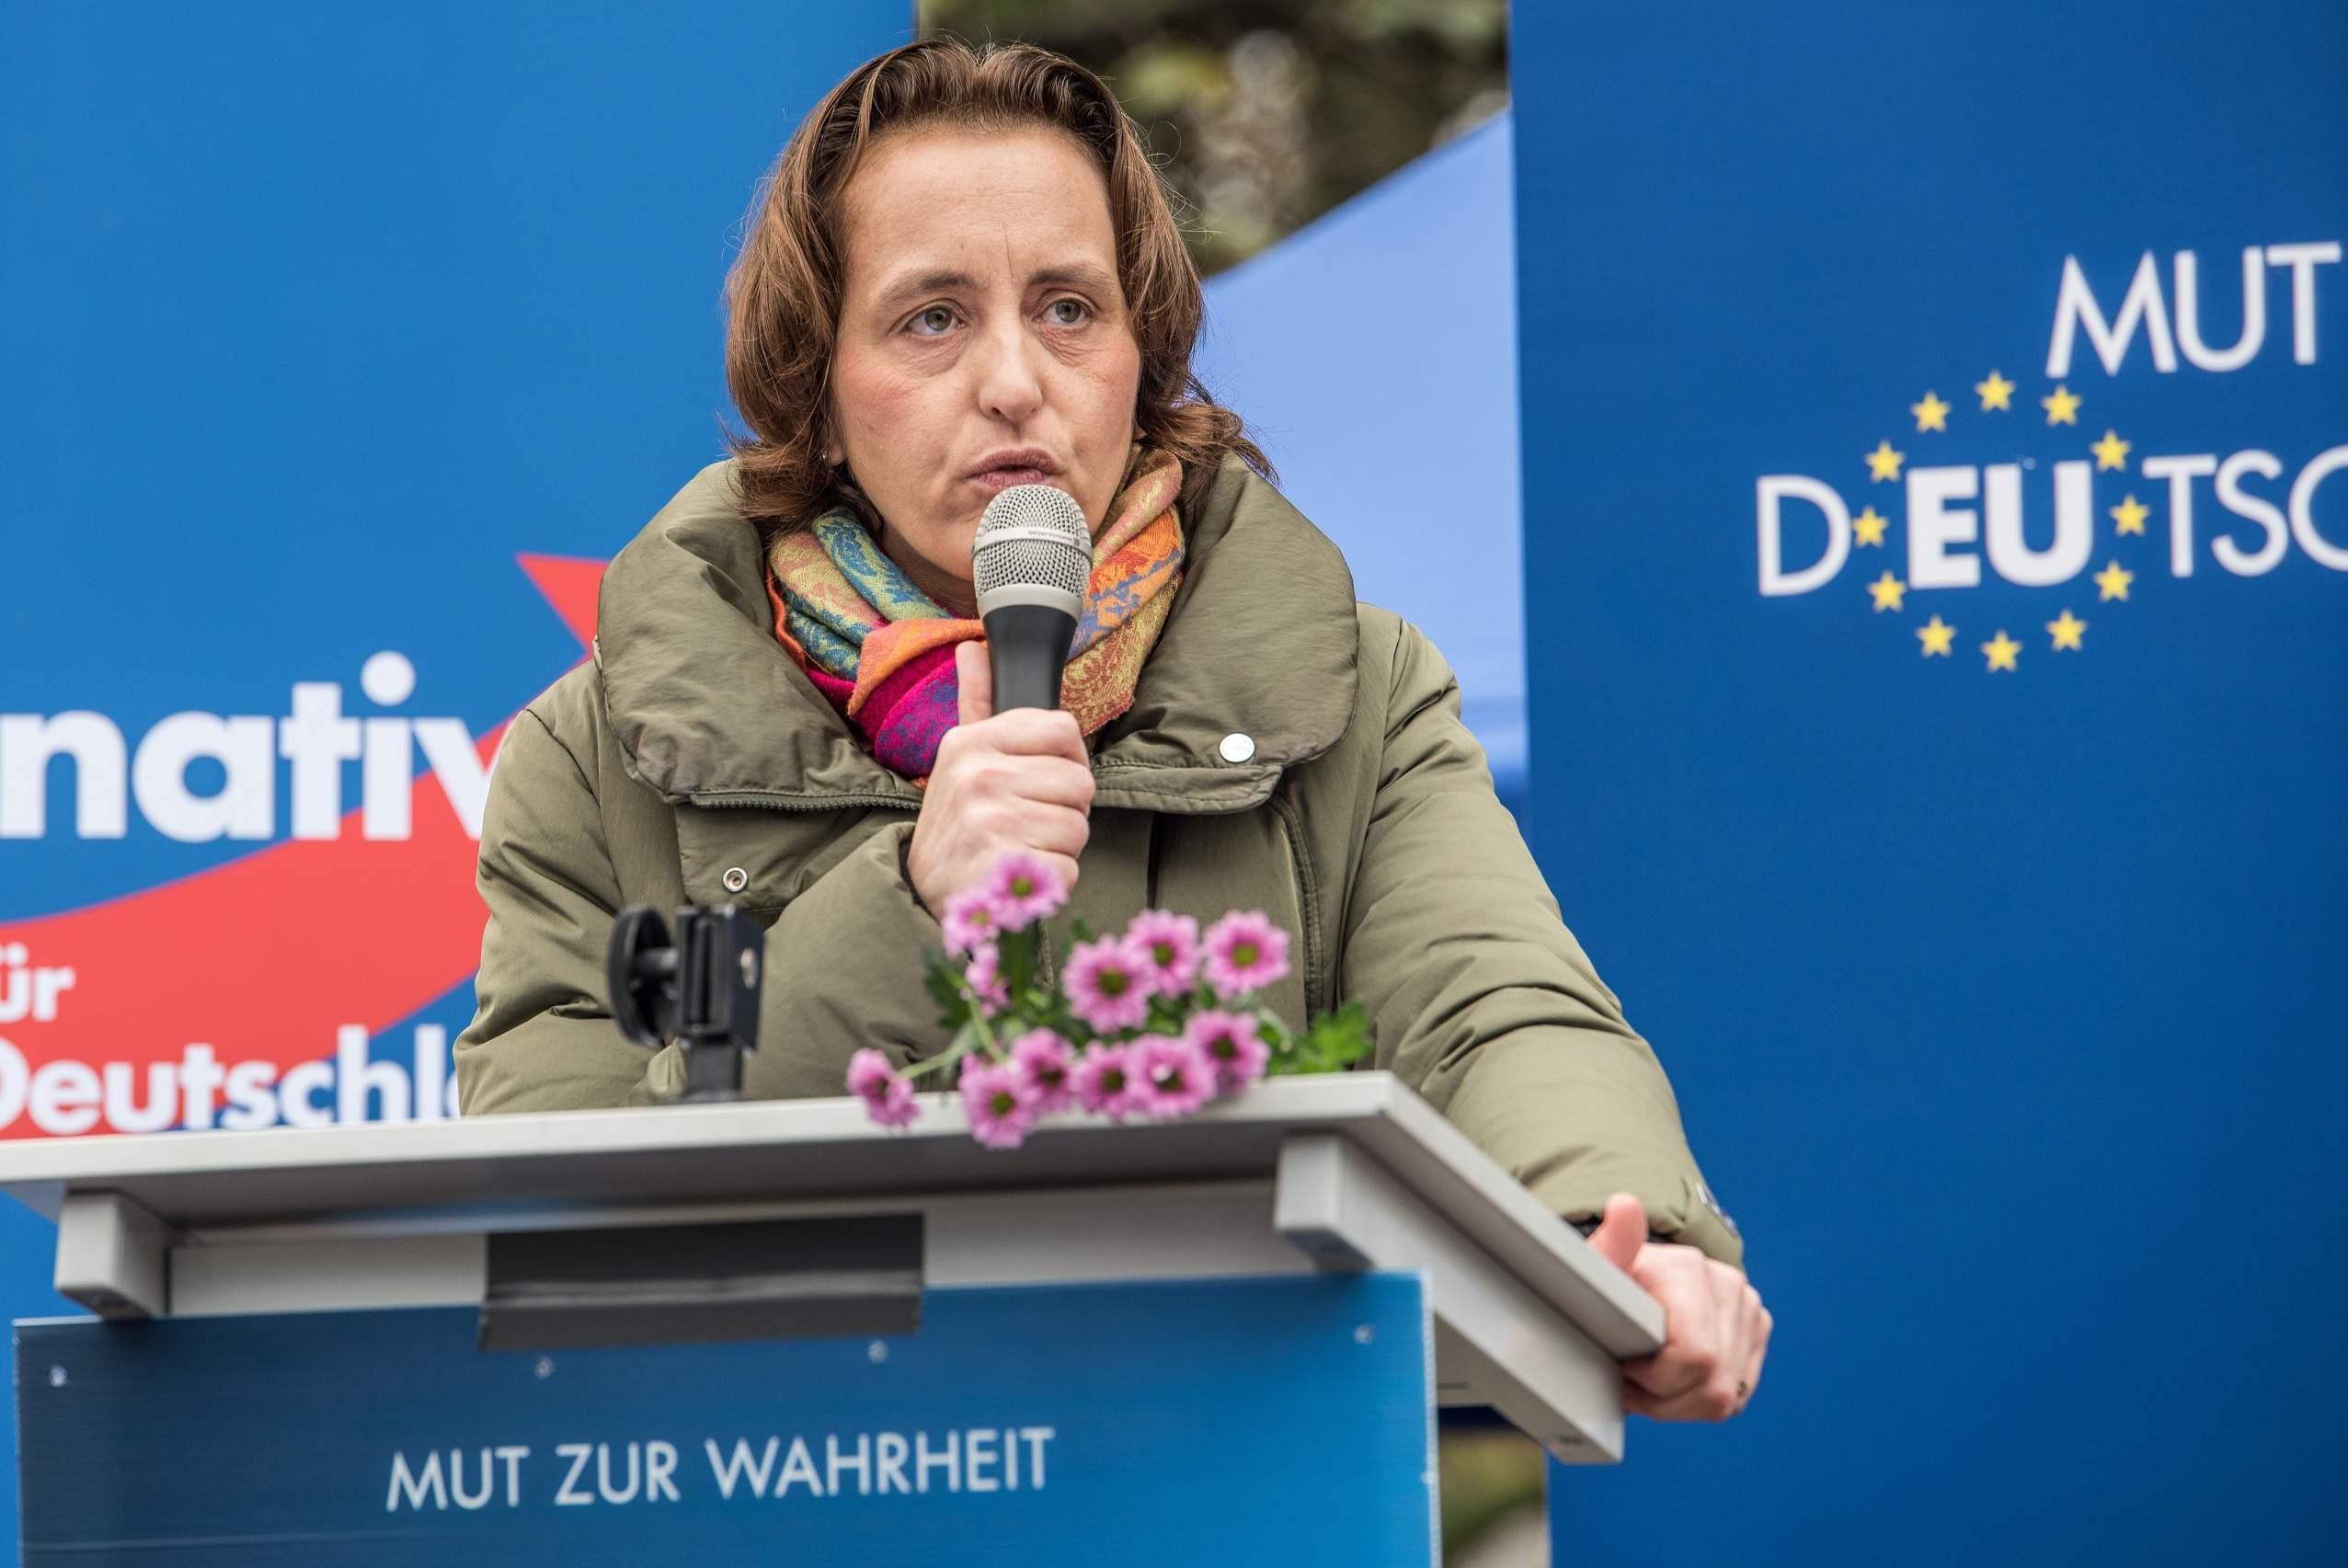 Who is Beatrix von Storch, the far-right German MEP Nigel Farage is speaking alongside tonight?